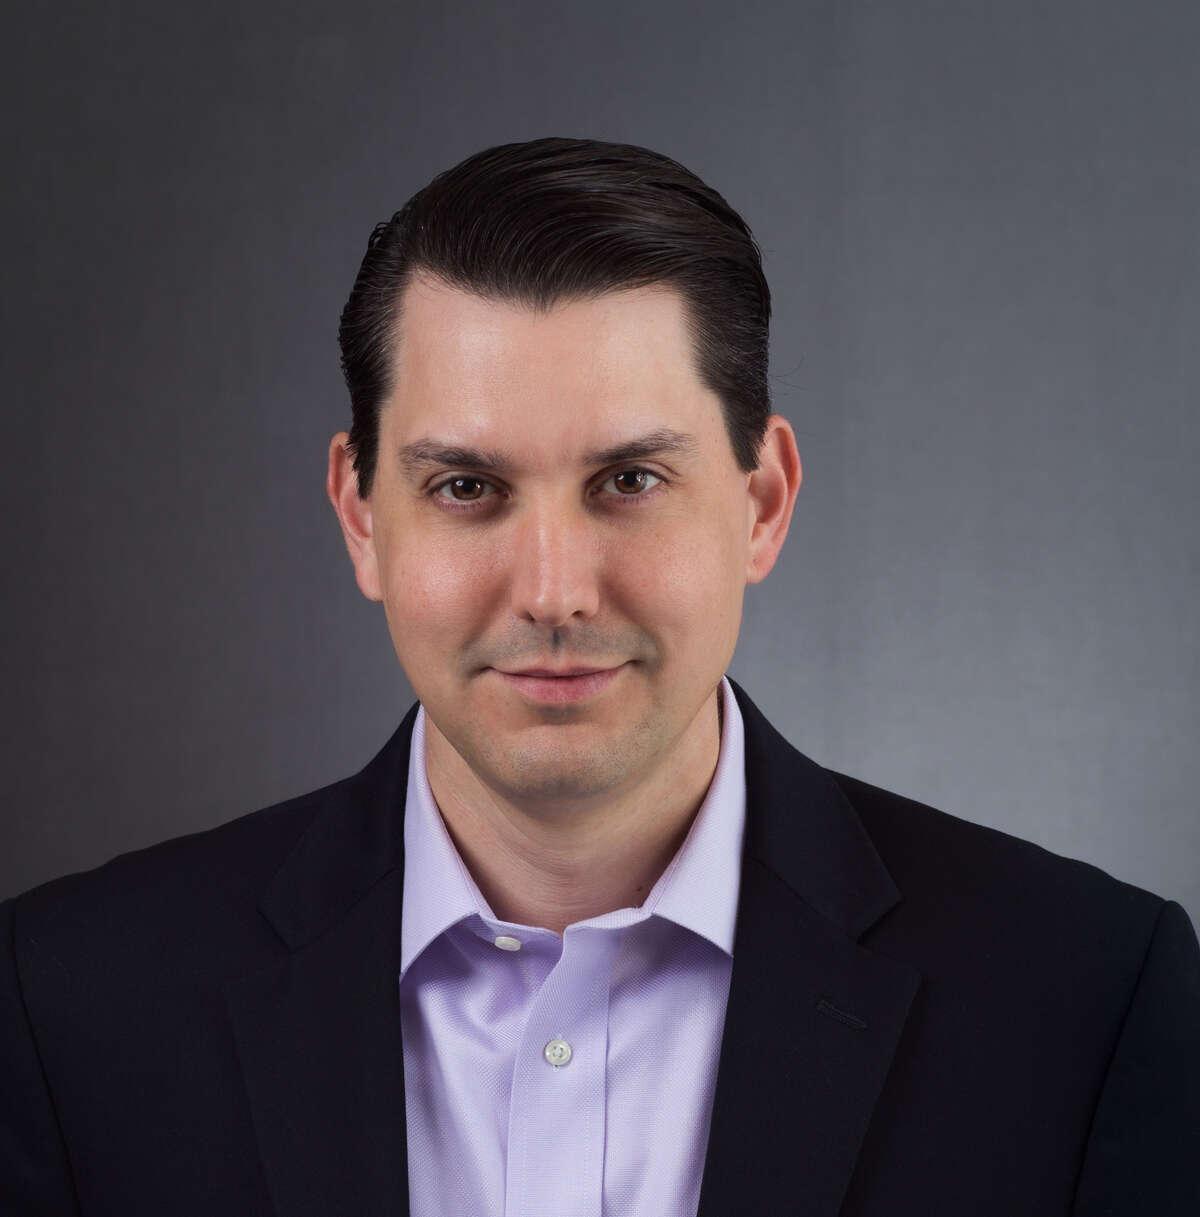 Jon Nordby has been named the Managing Director of MassChallenge in Houston.